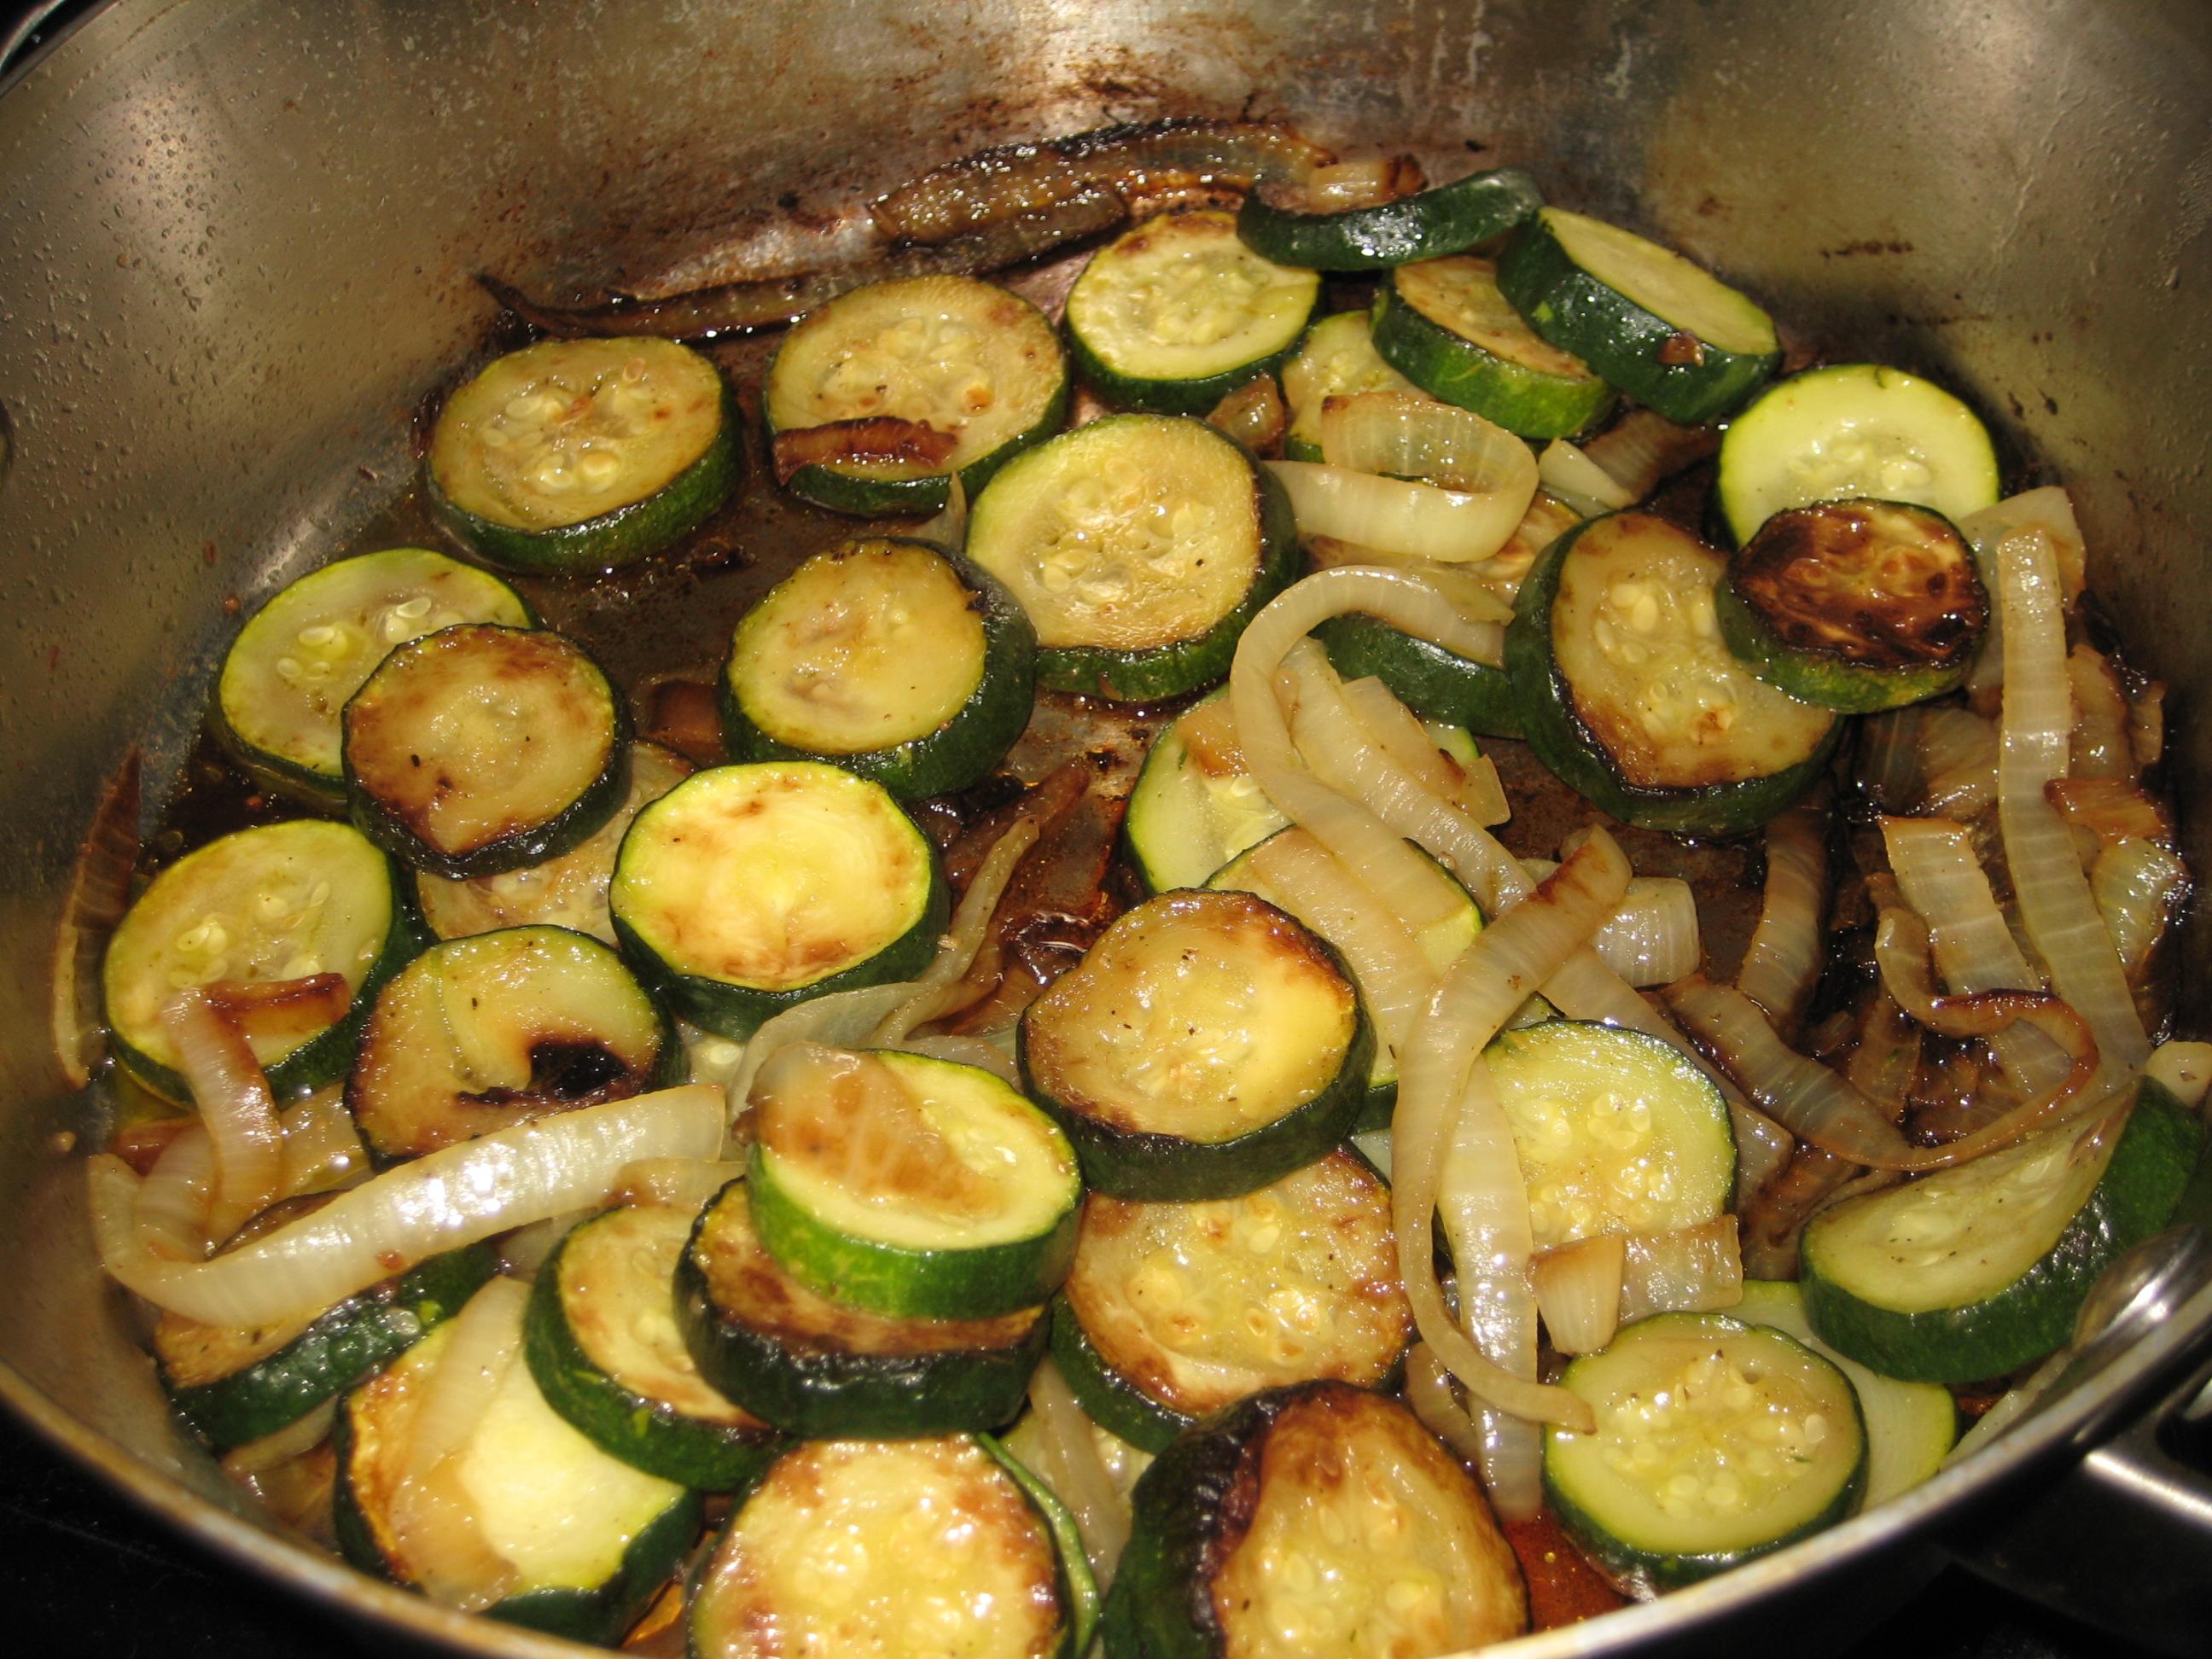 Sauteed zucchini and onions